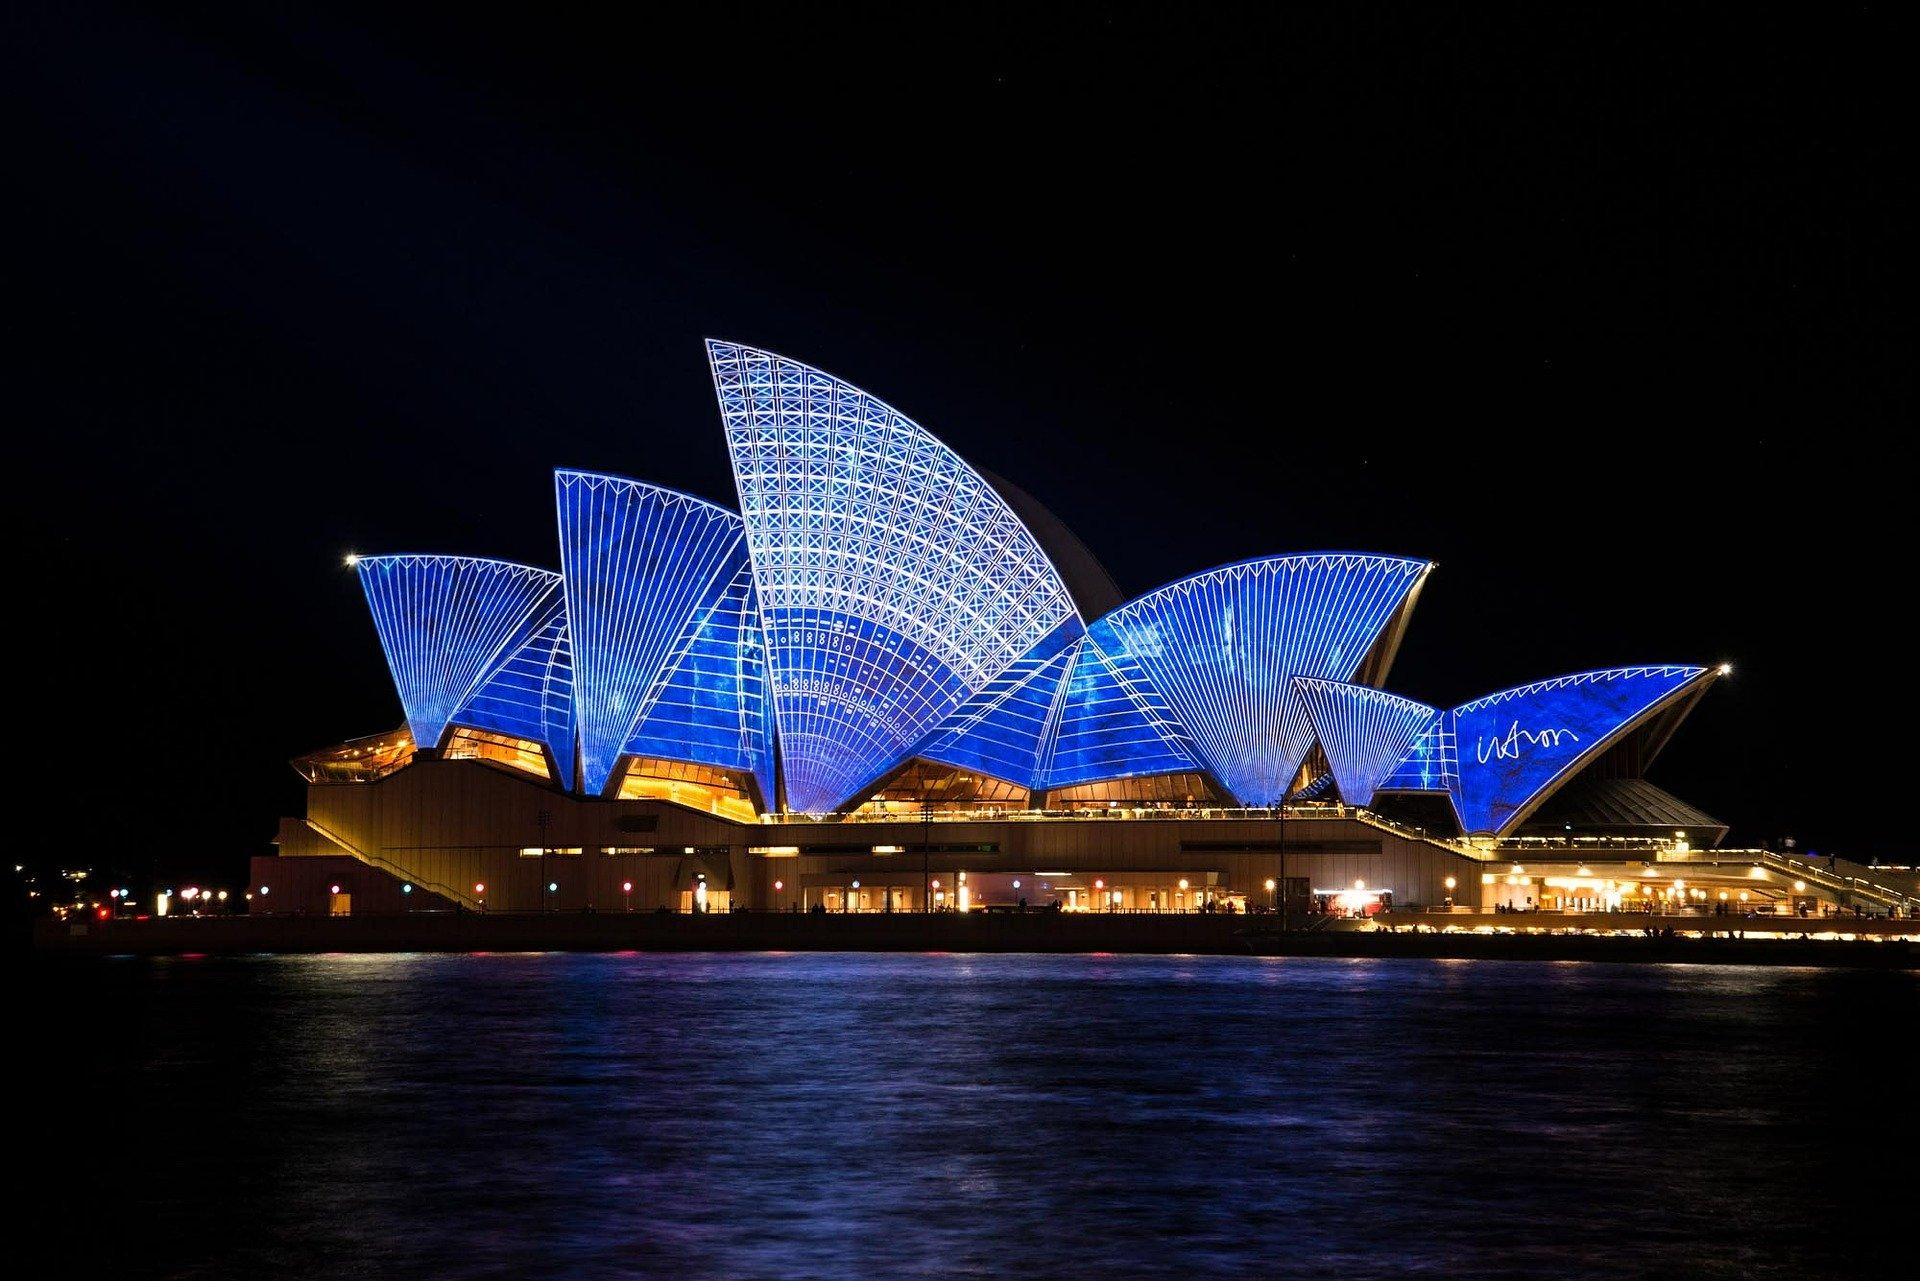 Australien wird bis Mitte Dezember keine Touristen mehr ins Land lassen und hat das Einreiseverbot so um weitere drei Monate verlängert.